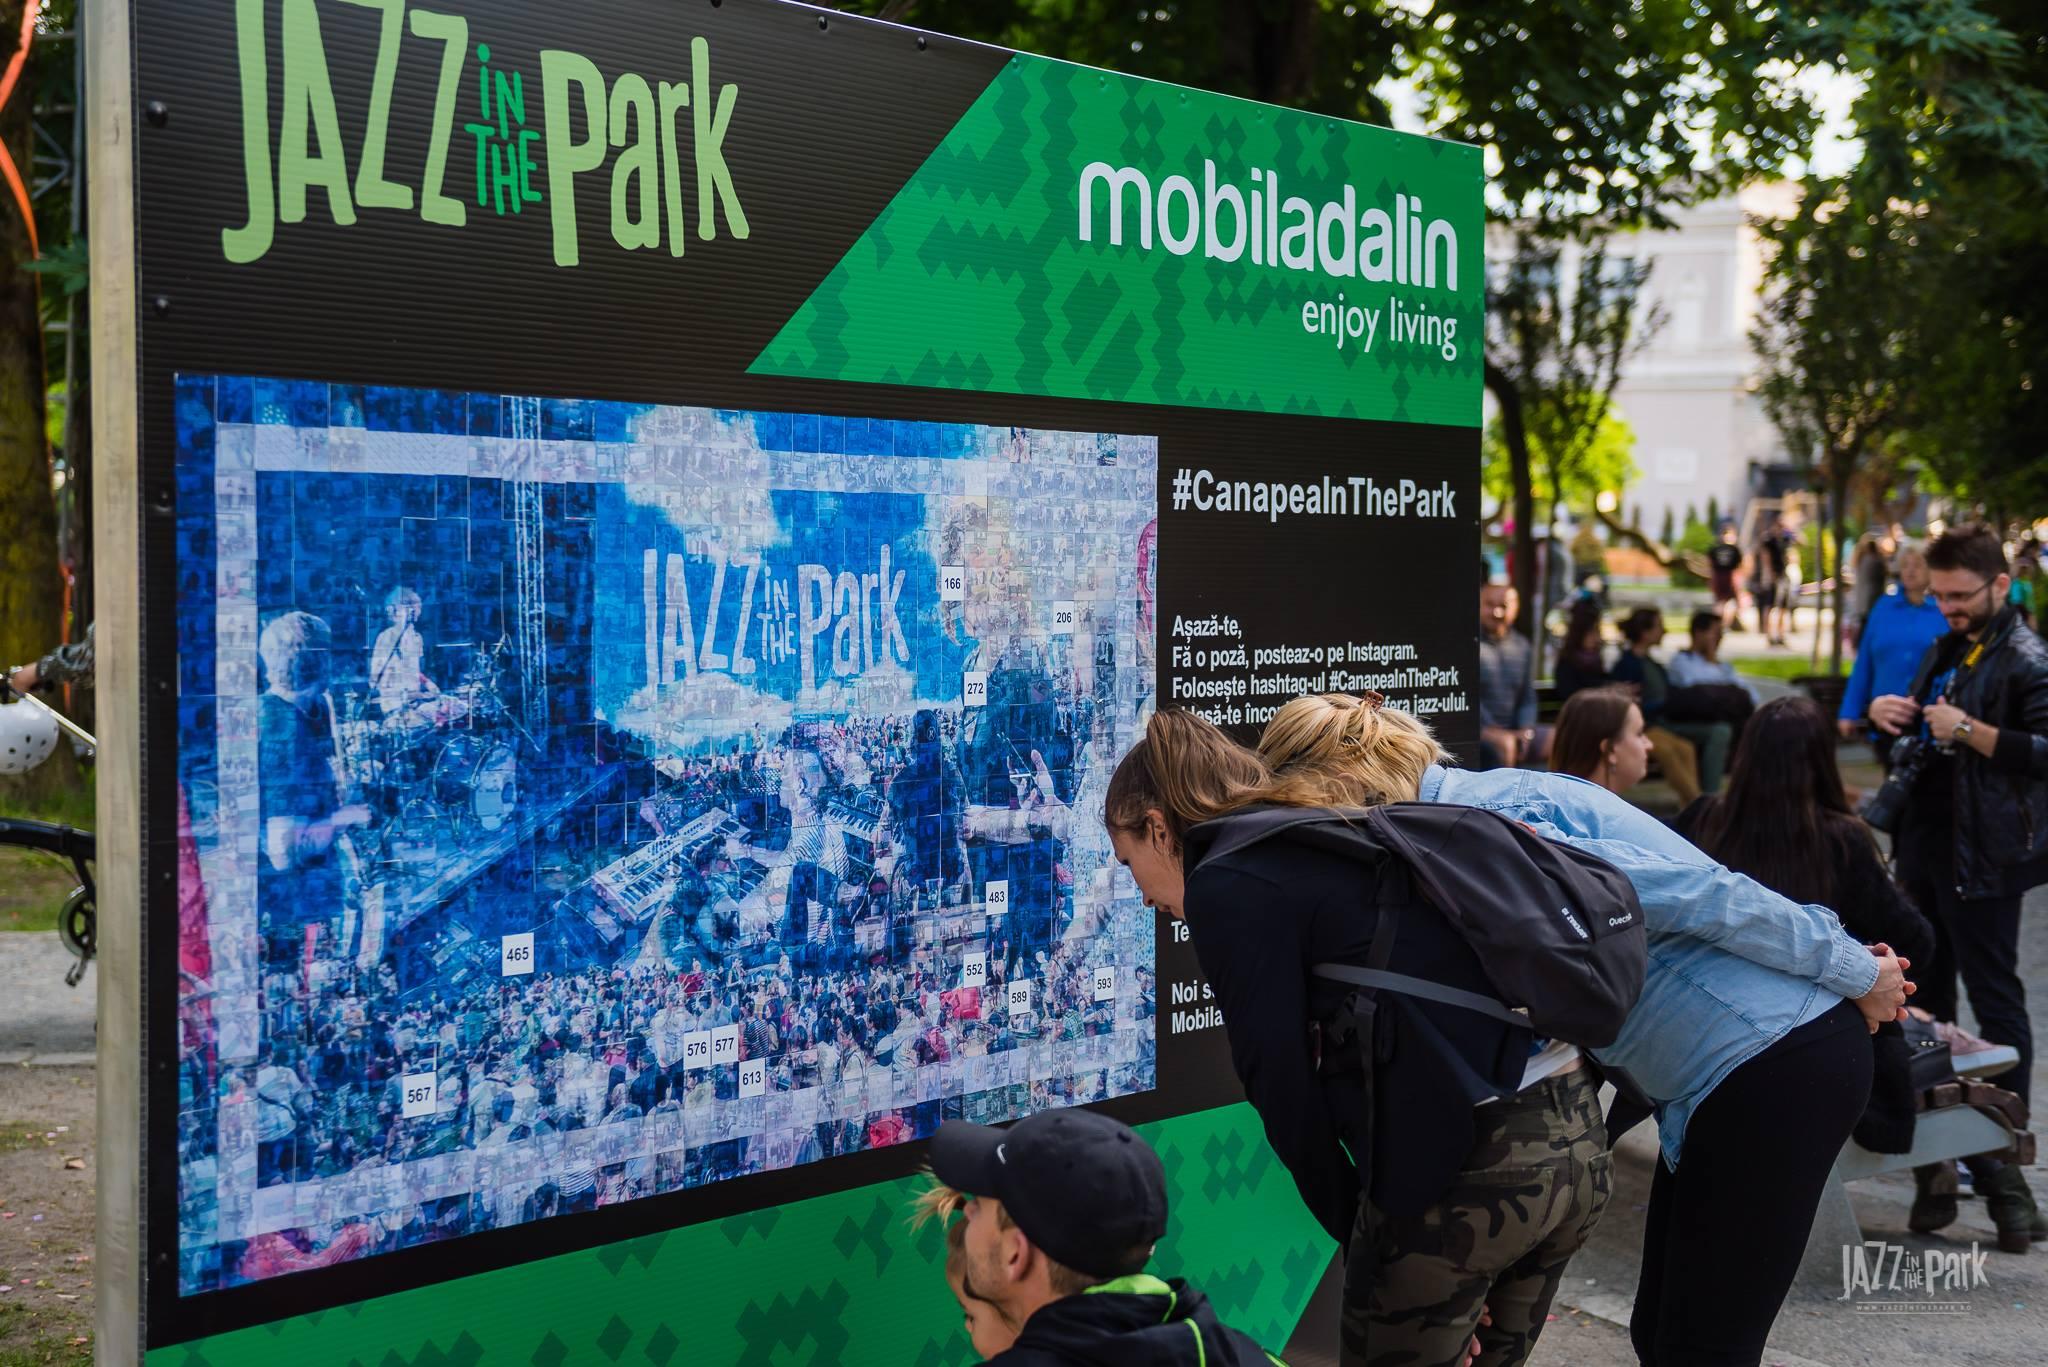 jazz-in-the-park-03.jpg